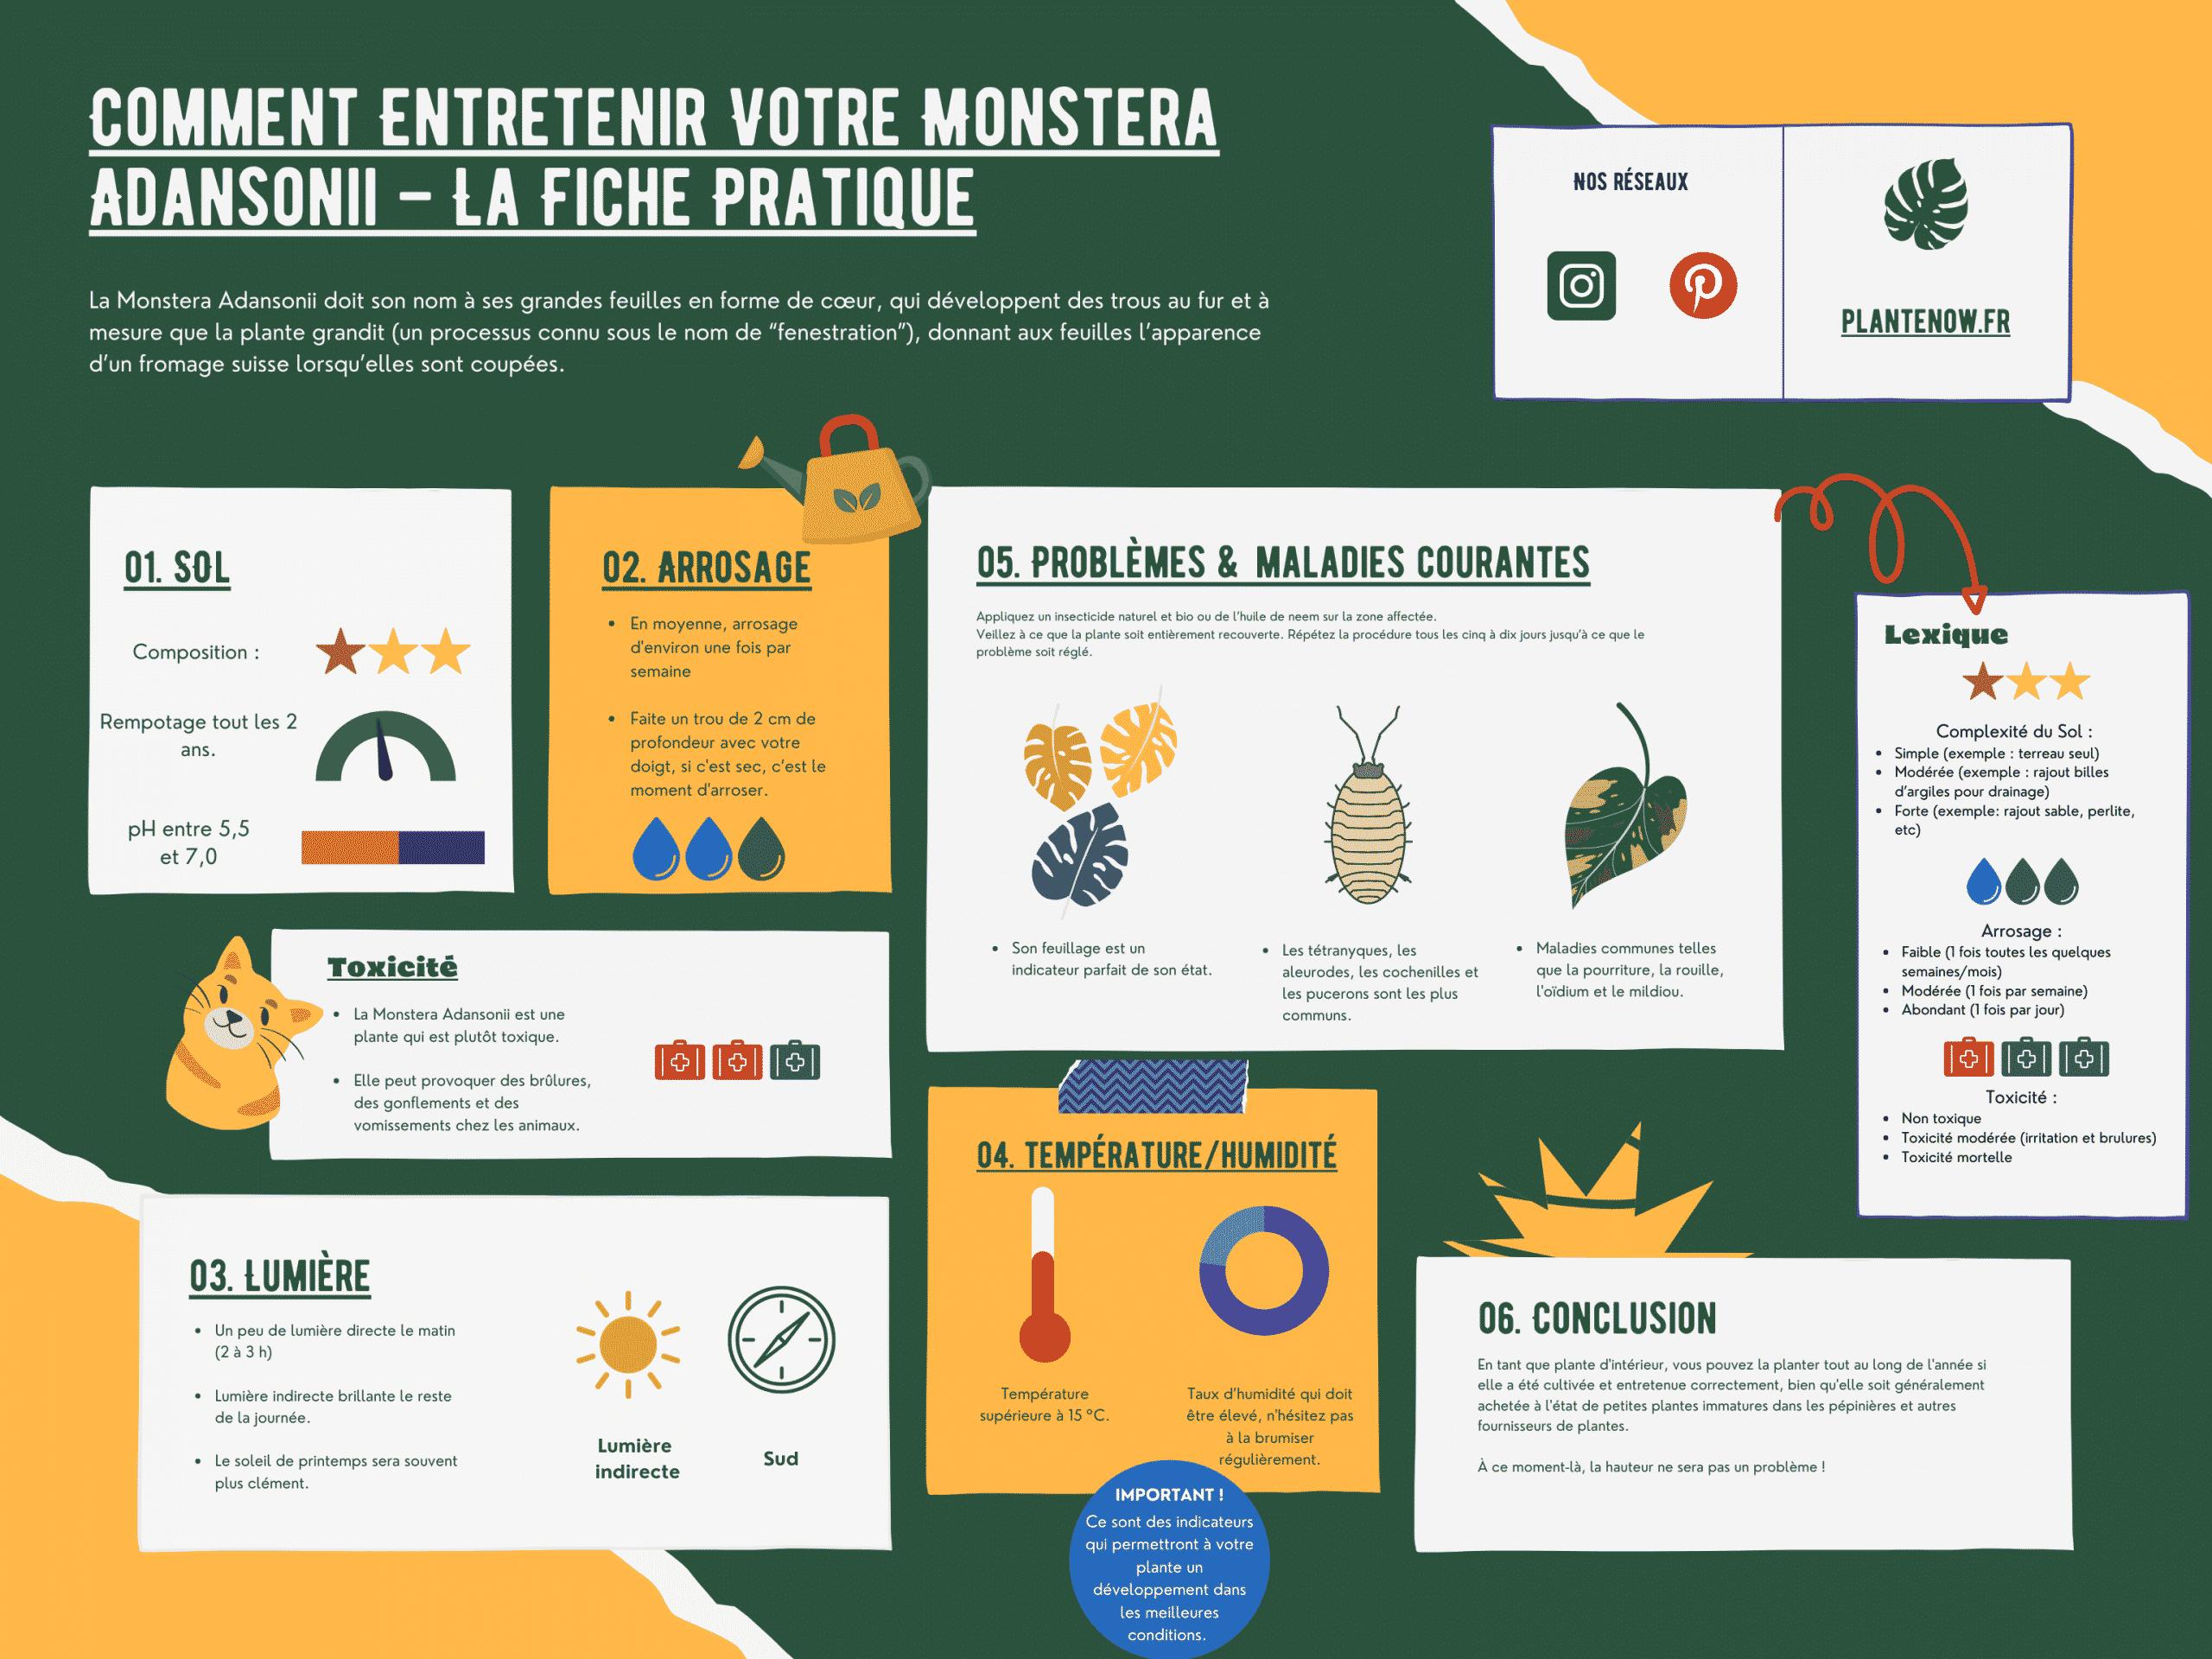 Comment Entretenir Votre Monstera Adansonii – La Fiche Pratique